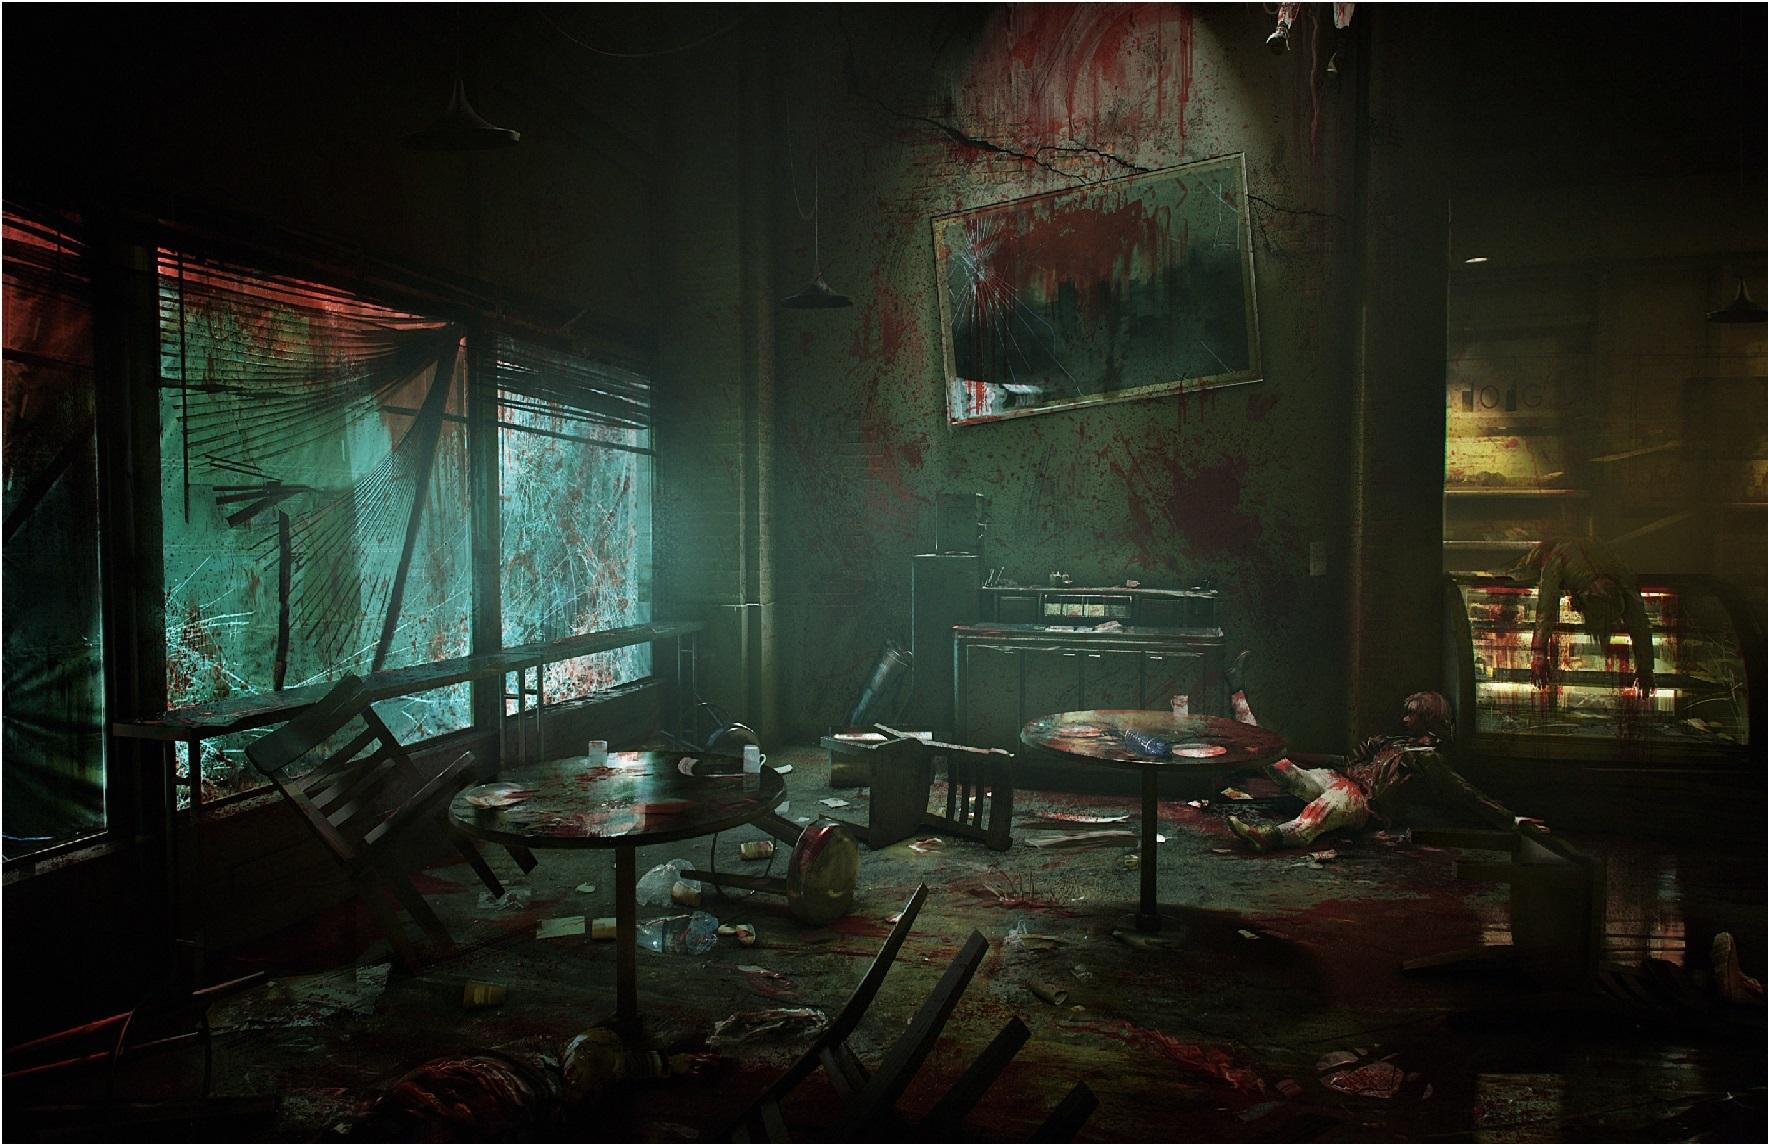 بازی Vampire: The Masquerade – Bloodlines 2 در انحصار فروشگاه اپیک گیمز نخواهد بود